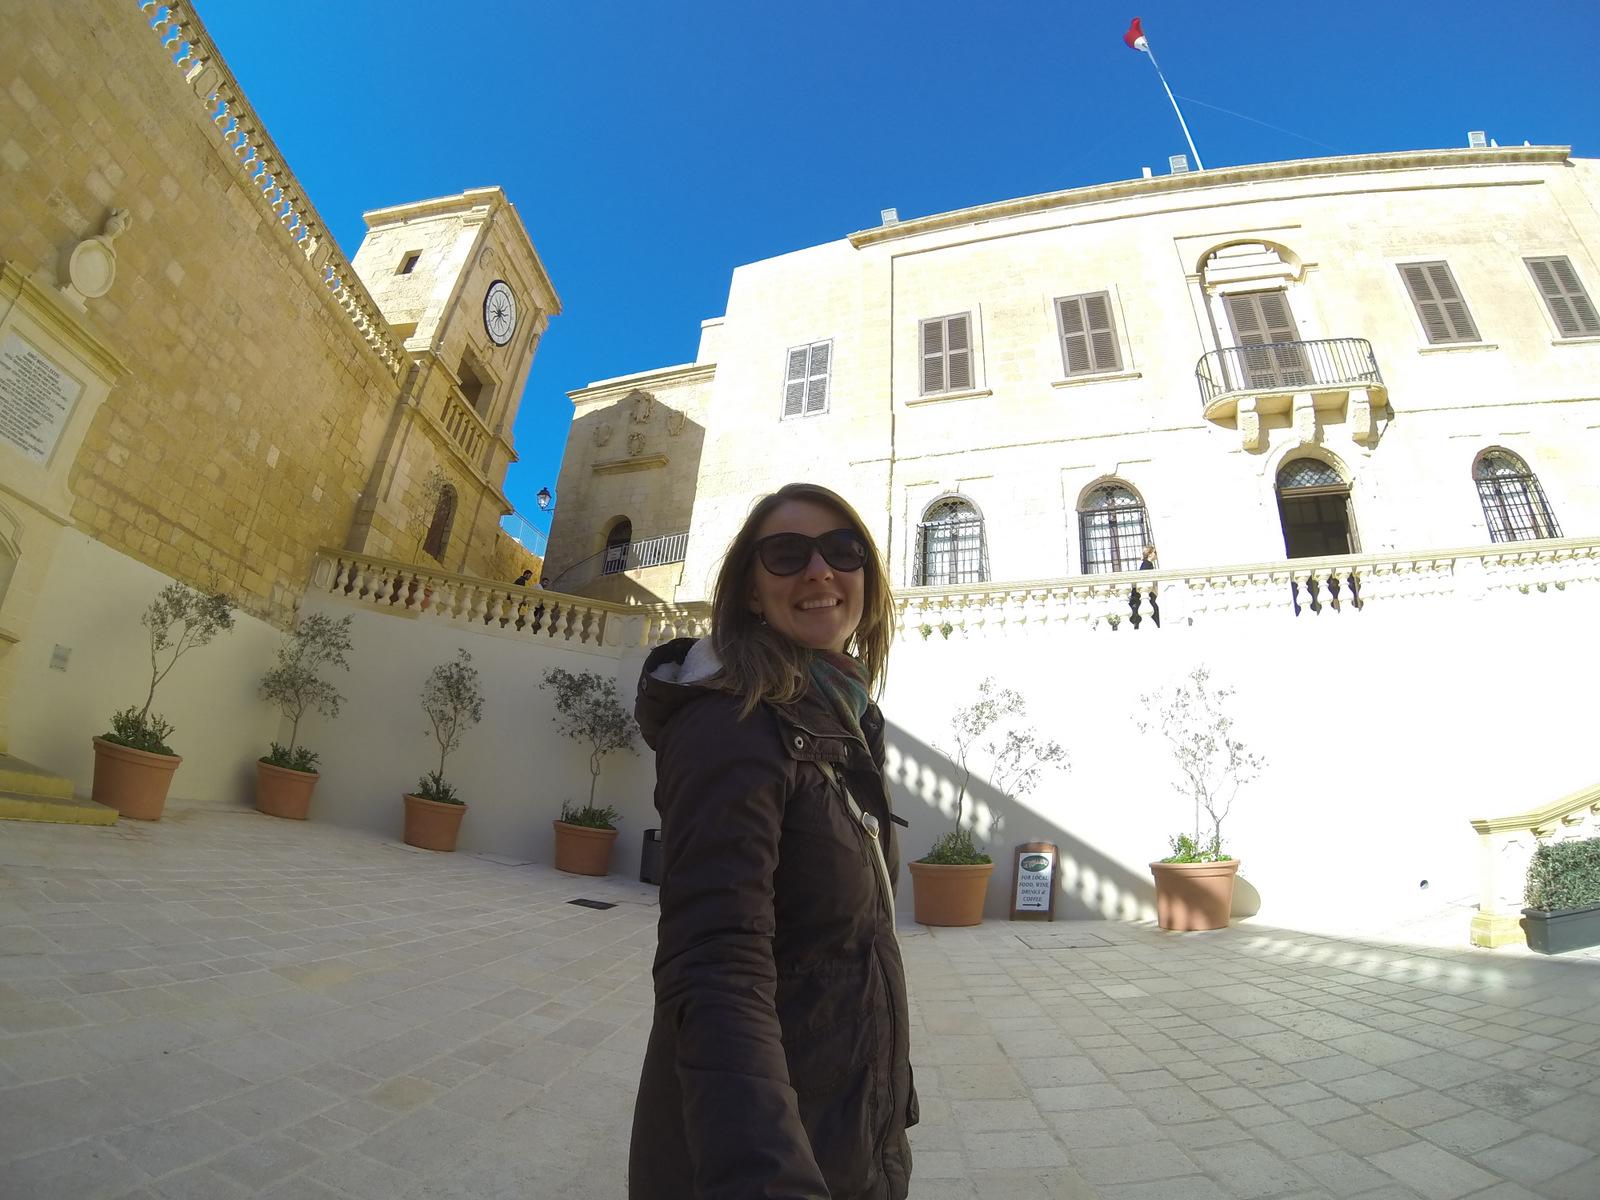 Цитадель в Виктории, Гозо, Мальта